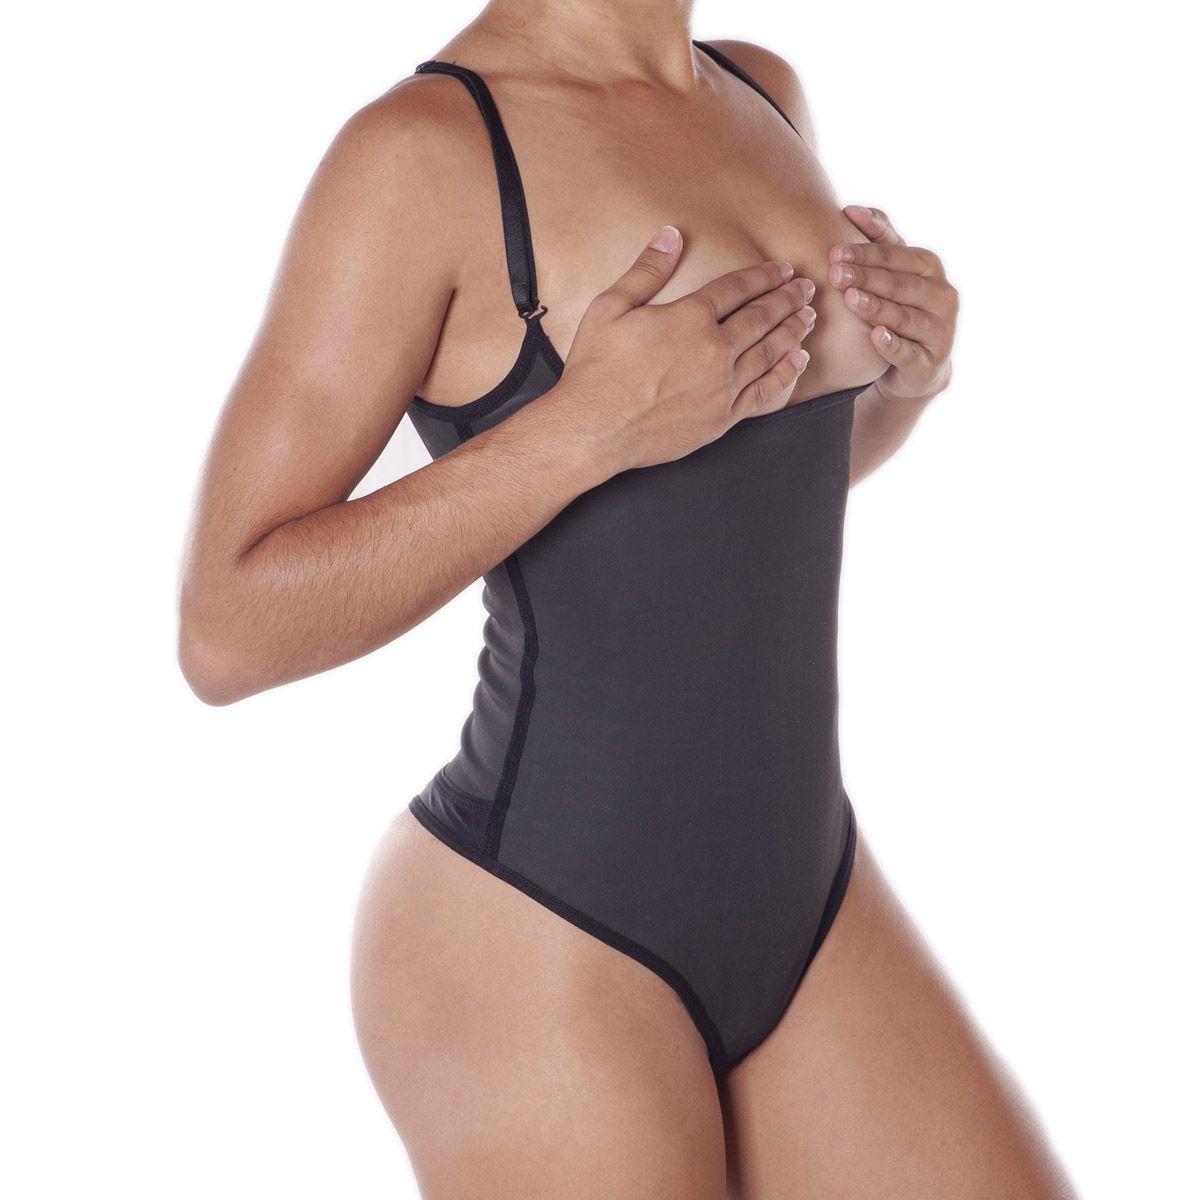 cinta Body emborrachada compressão feminina modeladora Esbelt